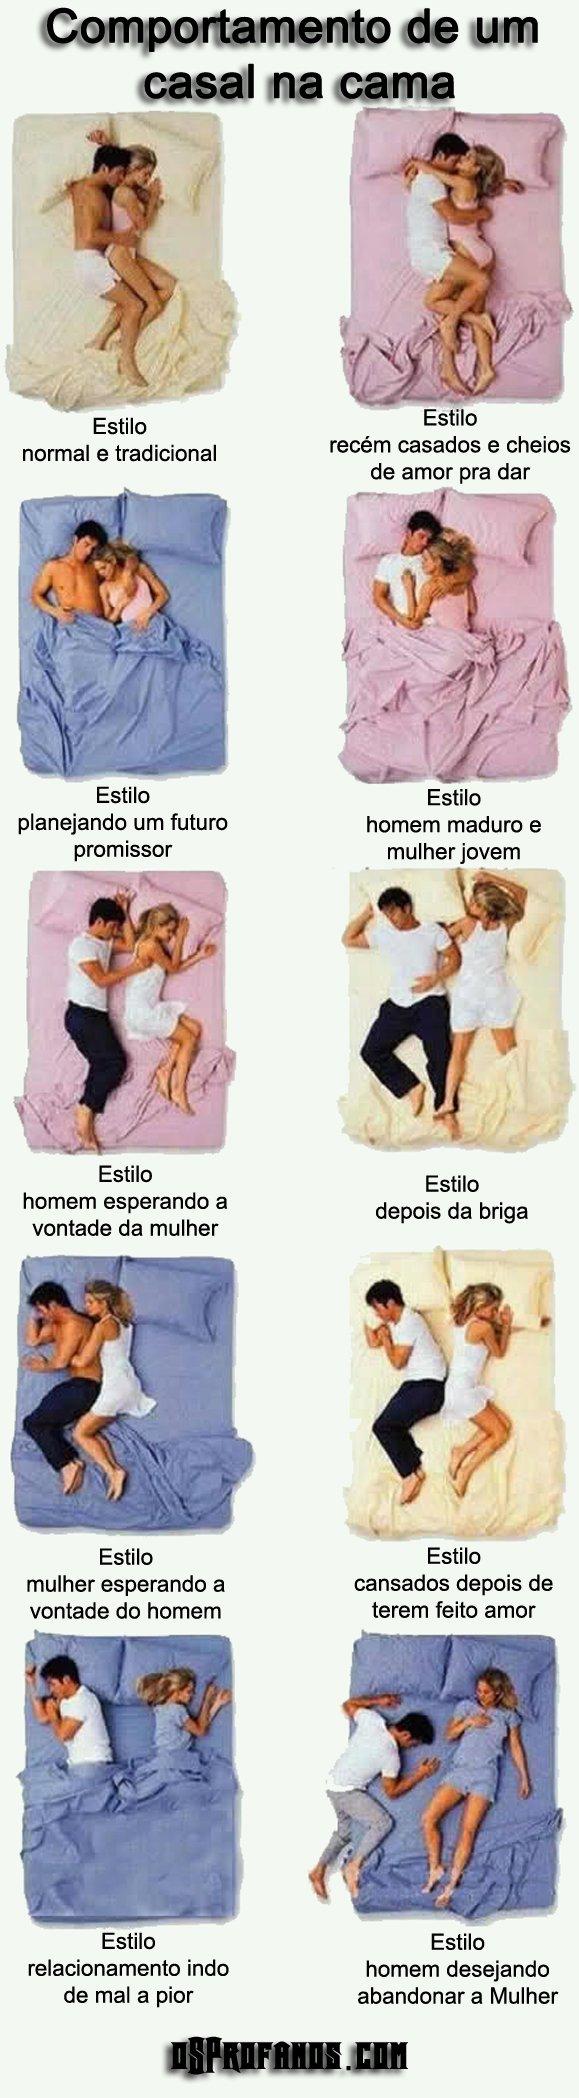 Comportamento de um casal na cama